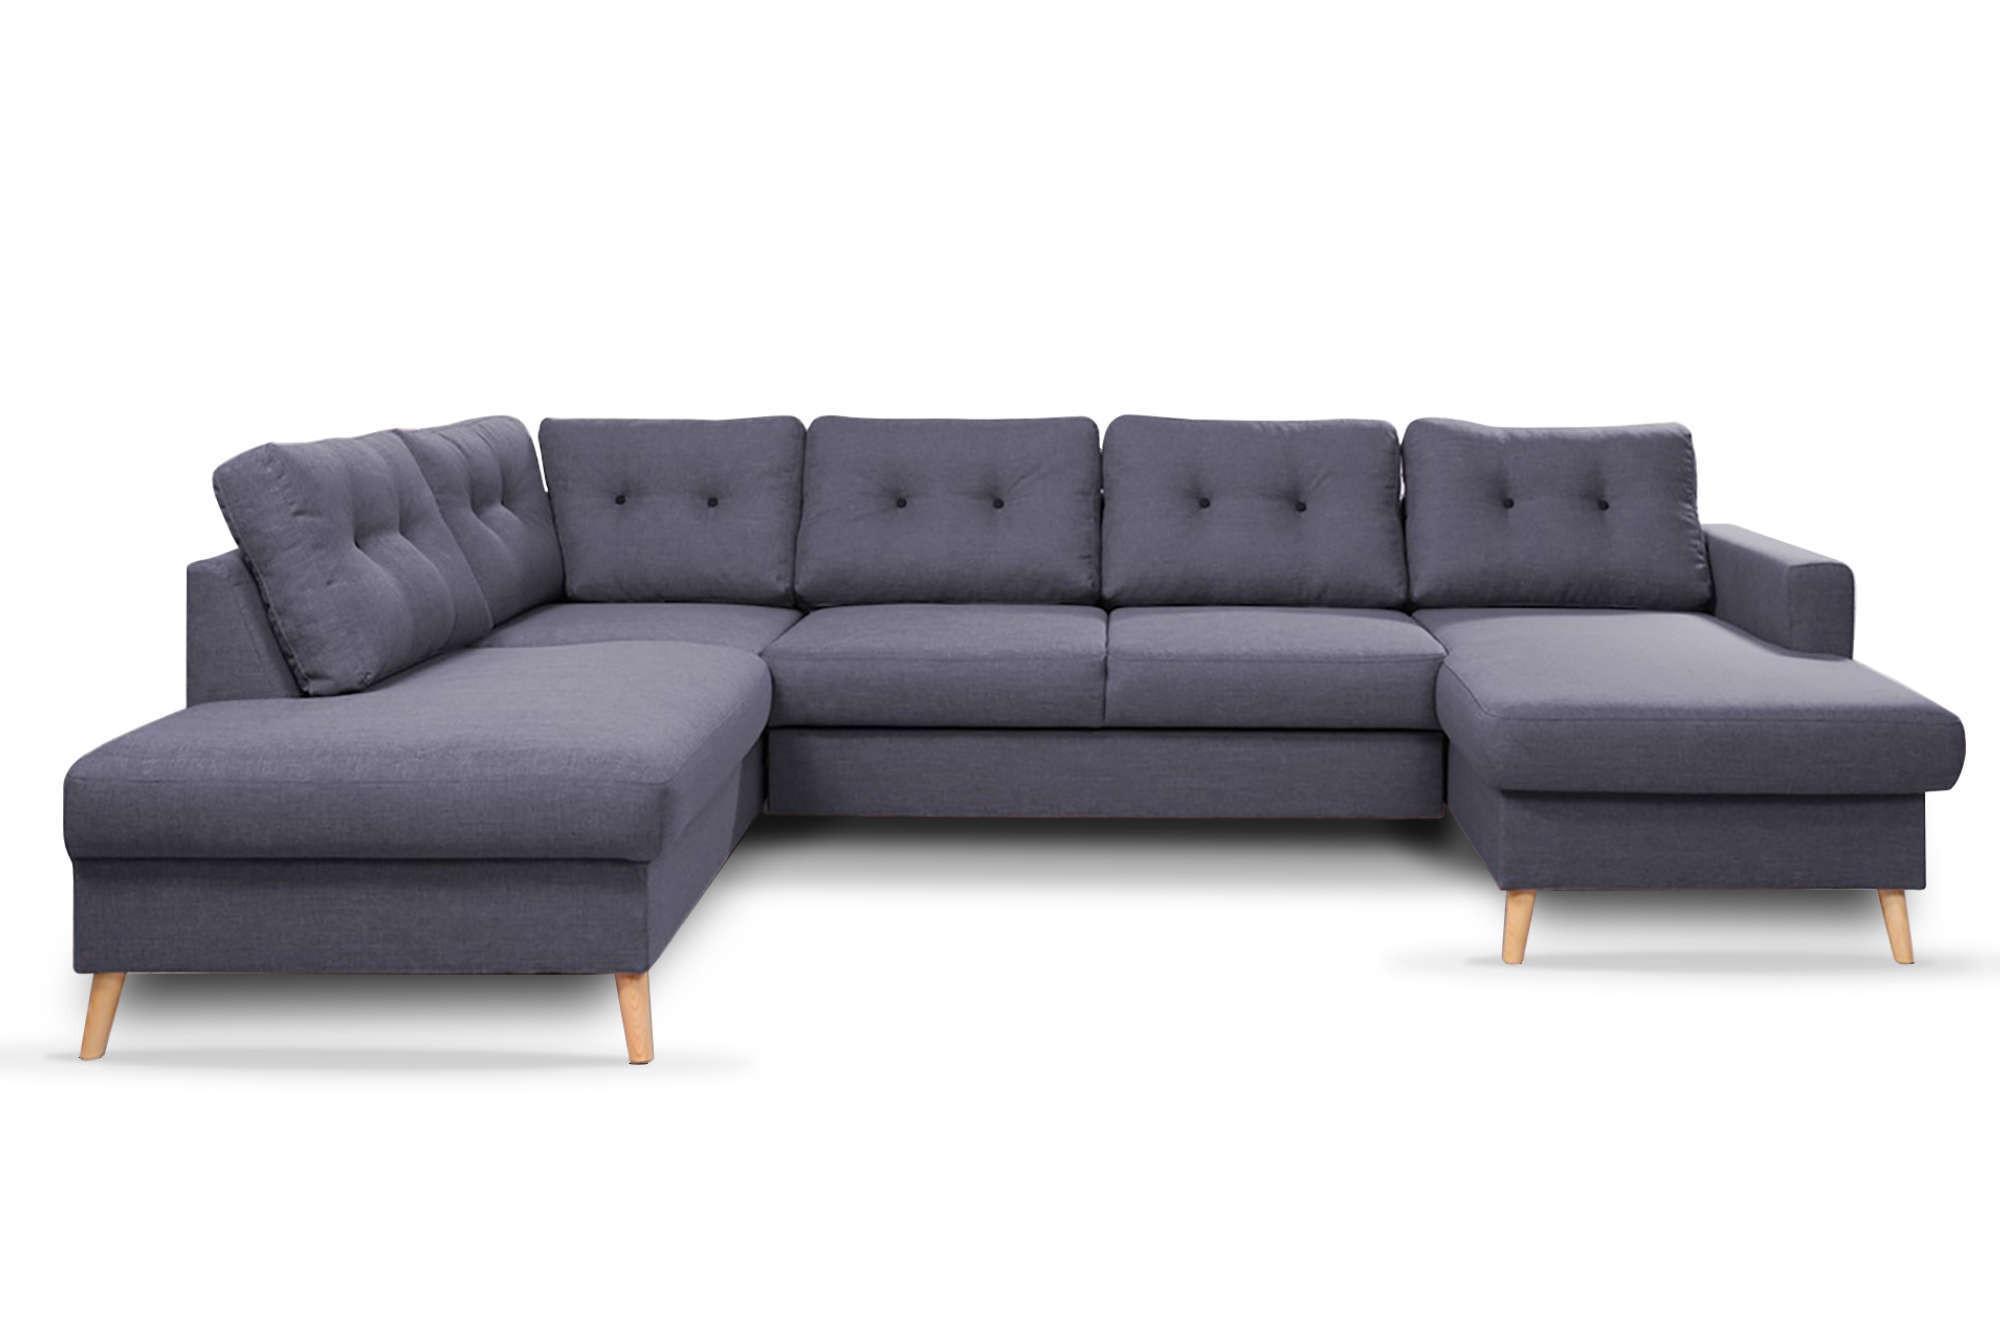 Canapé d'angle 8 places Gris Tissu Contemporain Confort